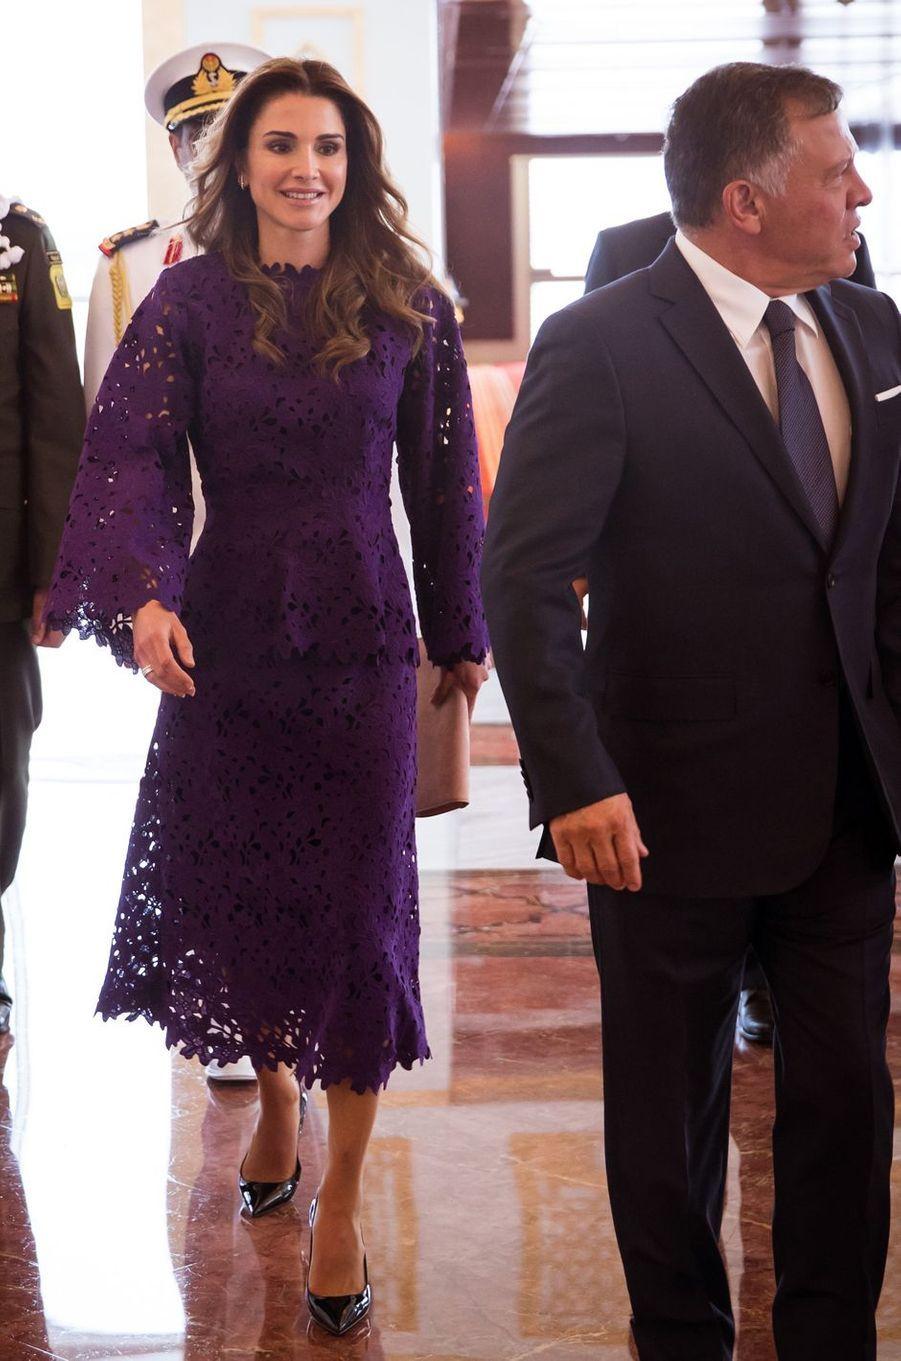 La reine Rania et le roi Abdallah II de Jordanie à Abu Dhabi, le 7 février 2018